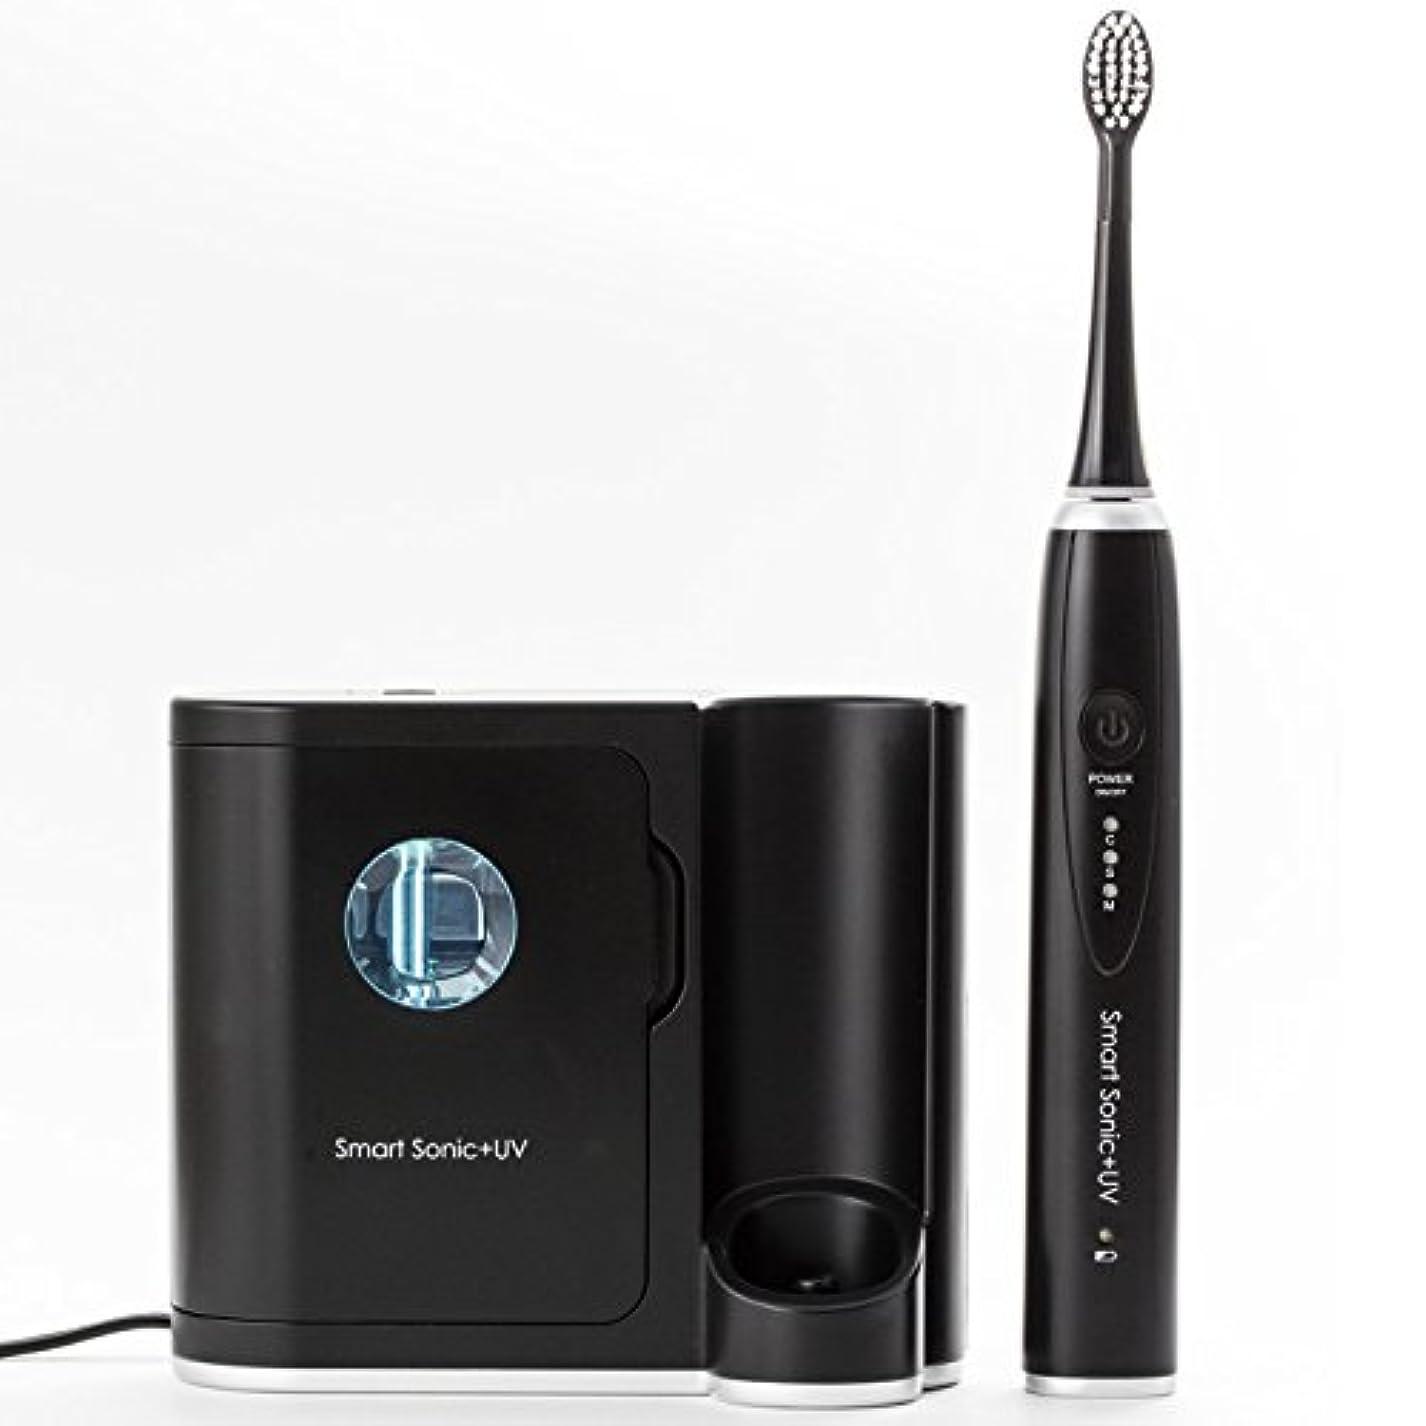 そんなにラッチ処理音波歯ブラシ UV 紫外線除菌 歯ブラシ 殺菌機能付き 電動歯ブラシ スマートソニック プラス UV Smart Sonic UV